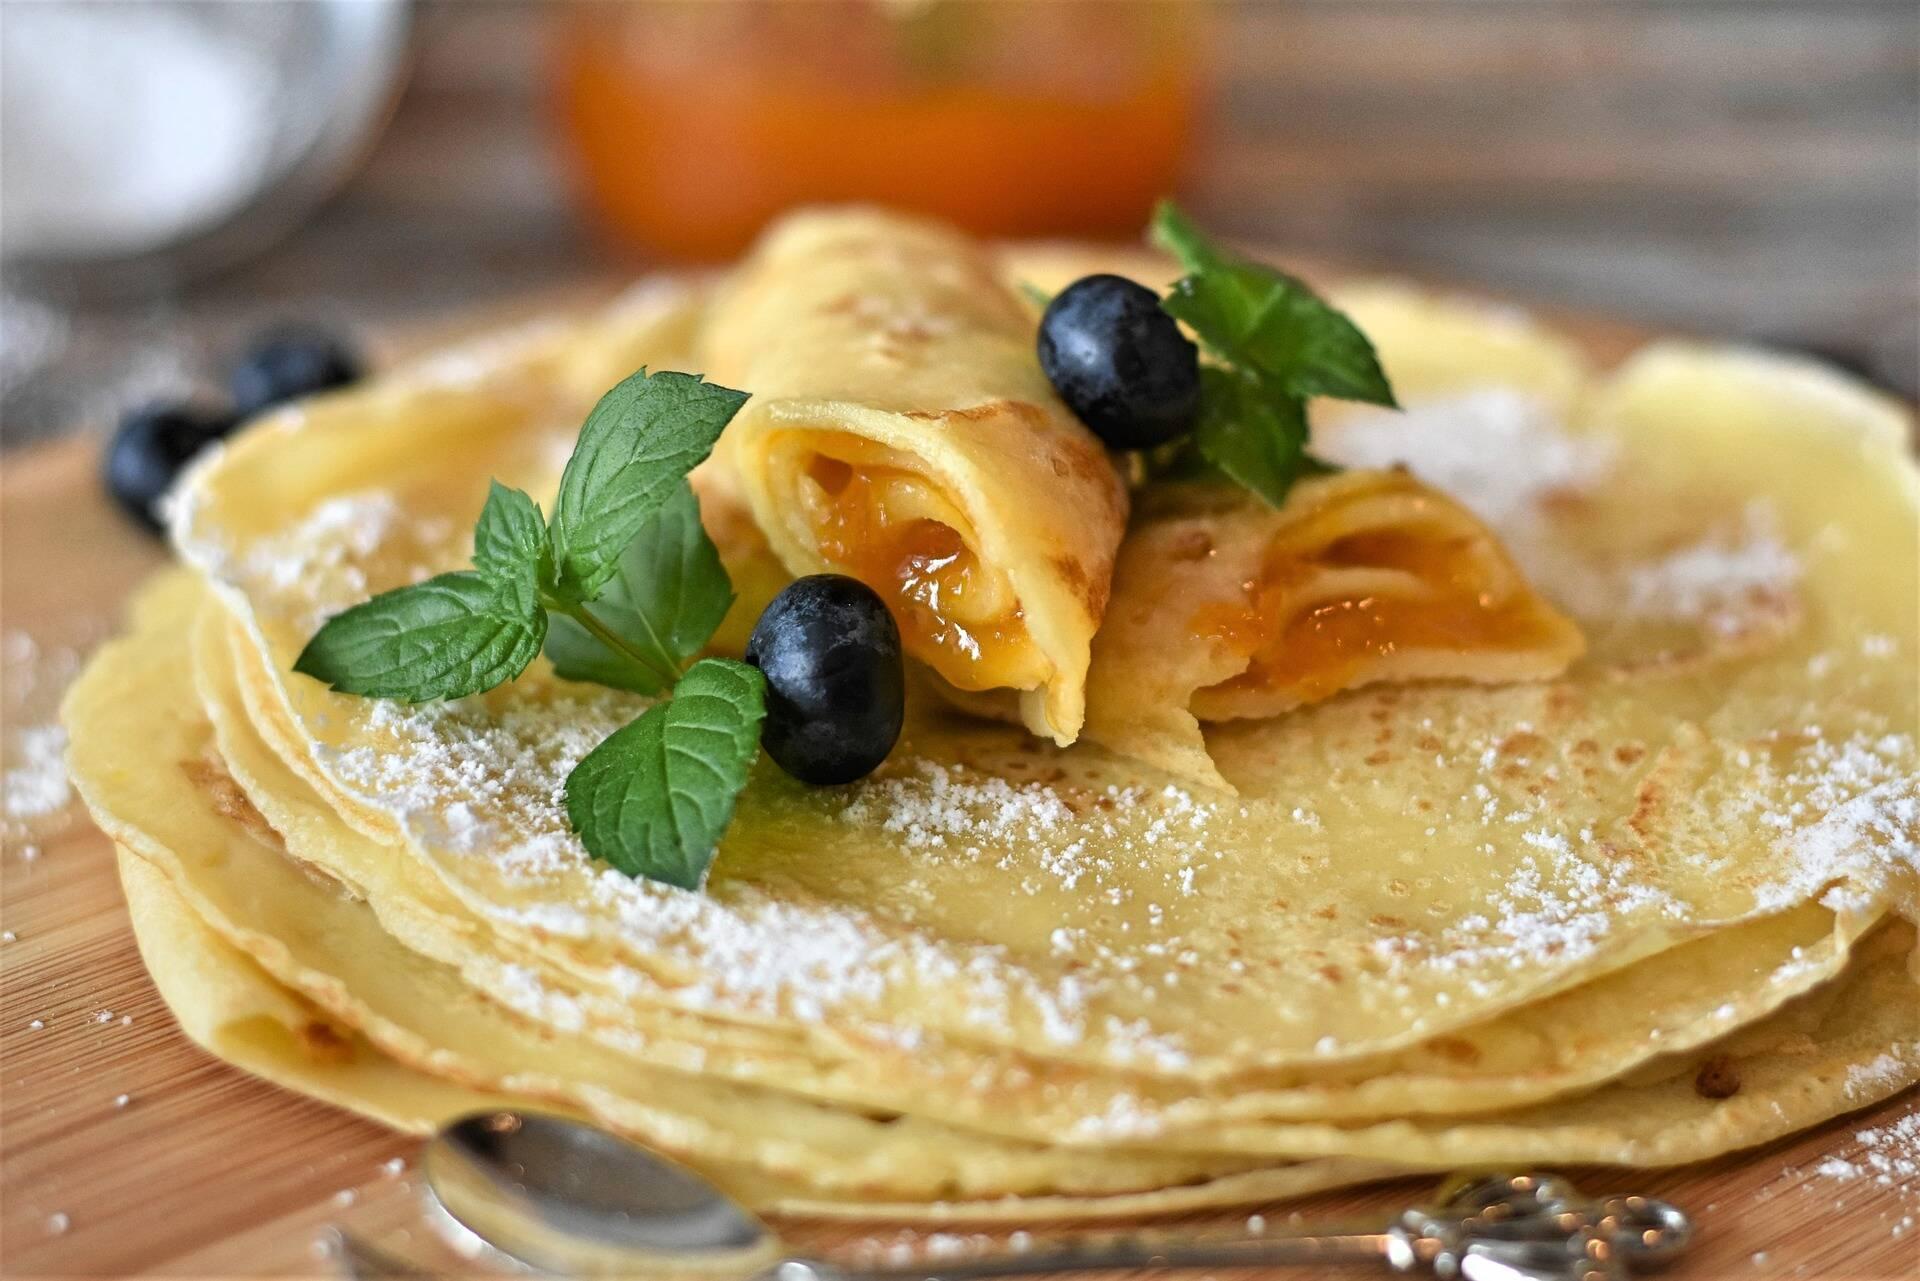 Massa - 3 ovos (sendo 3 claras e apenas 1 gema); 3 colheres de azeite; 1 e 1/2 cenoura ralada bem fina; 2 xícaras de leite semidesnatado ou desnatado; 1 xícara de farinha de aveia; 1 xícara de amido de milho (maizena); 1 colher (chá) de orégano; 1 colher (chá) fermento e sal a gosto. (Foto: Pexels)